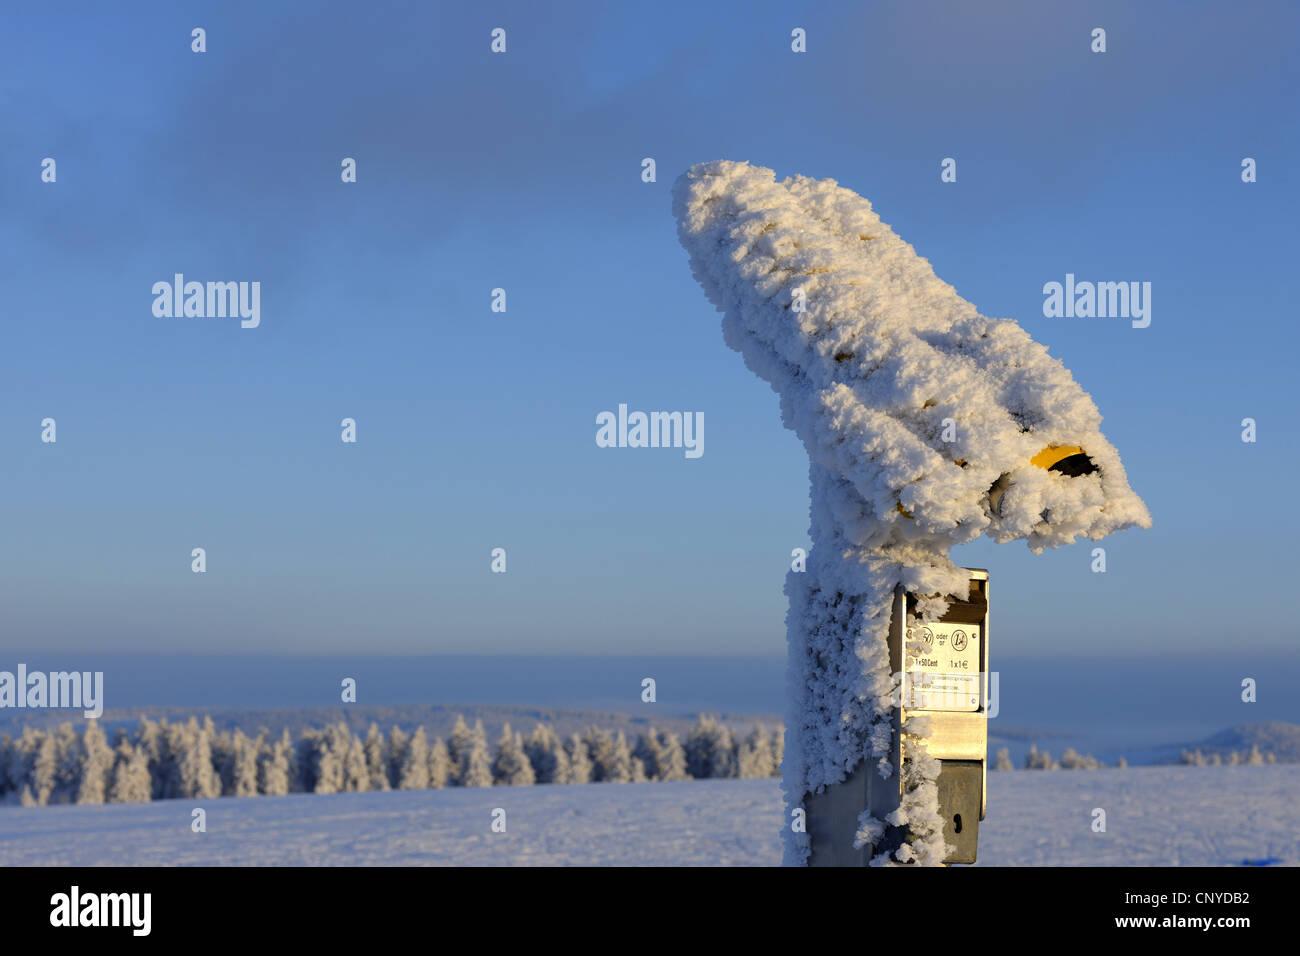 hoar frost on coin telescopes, Germany, Hesse, Rhoen, Wasserkuppe - Stock Image